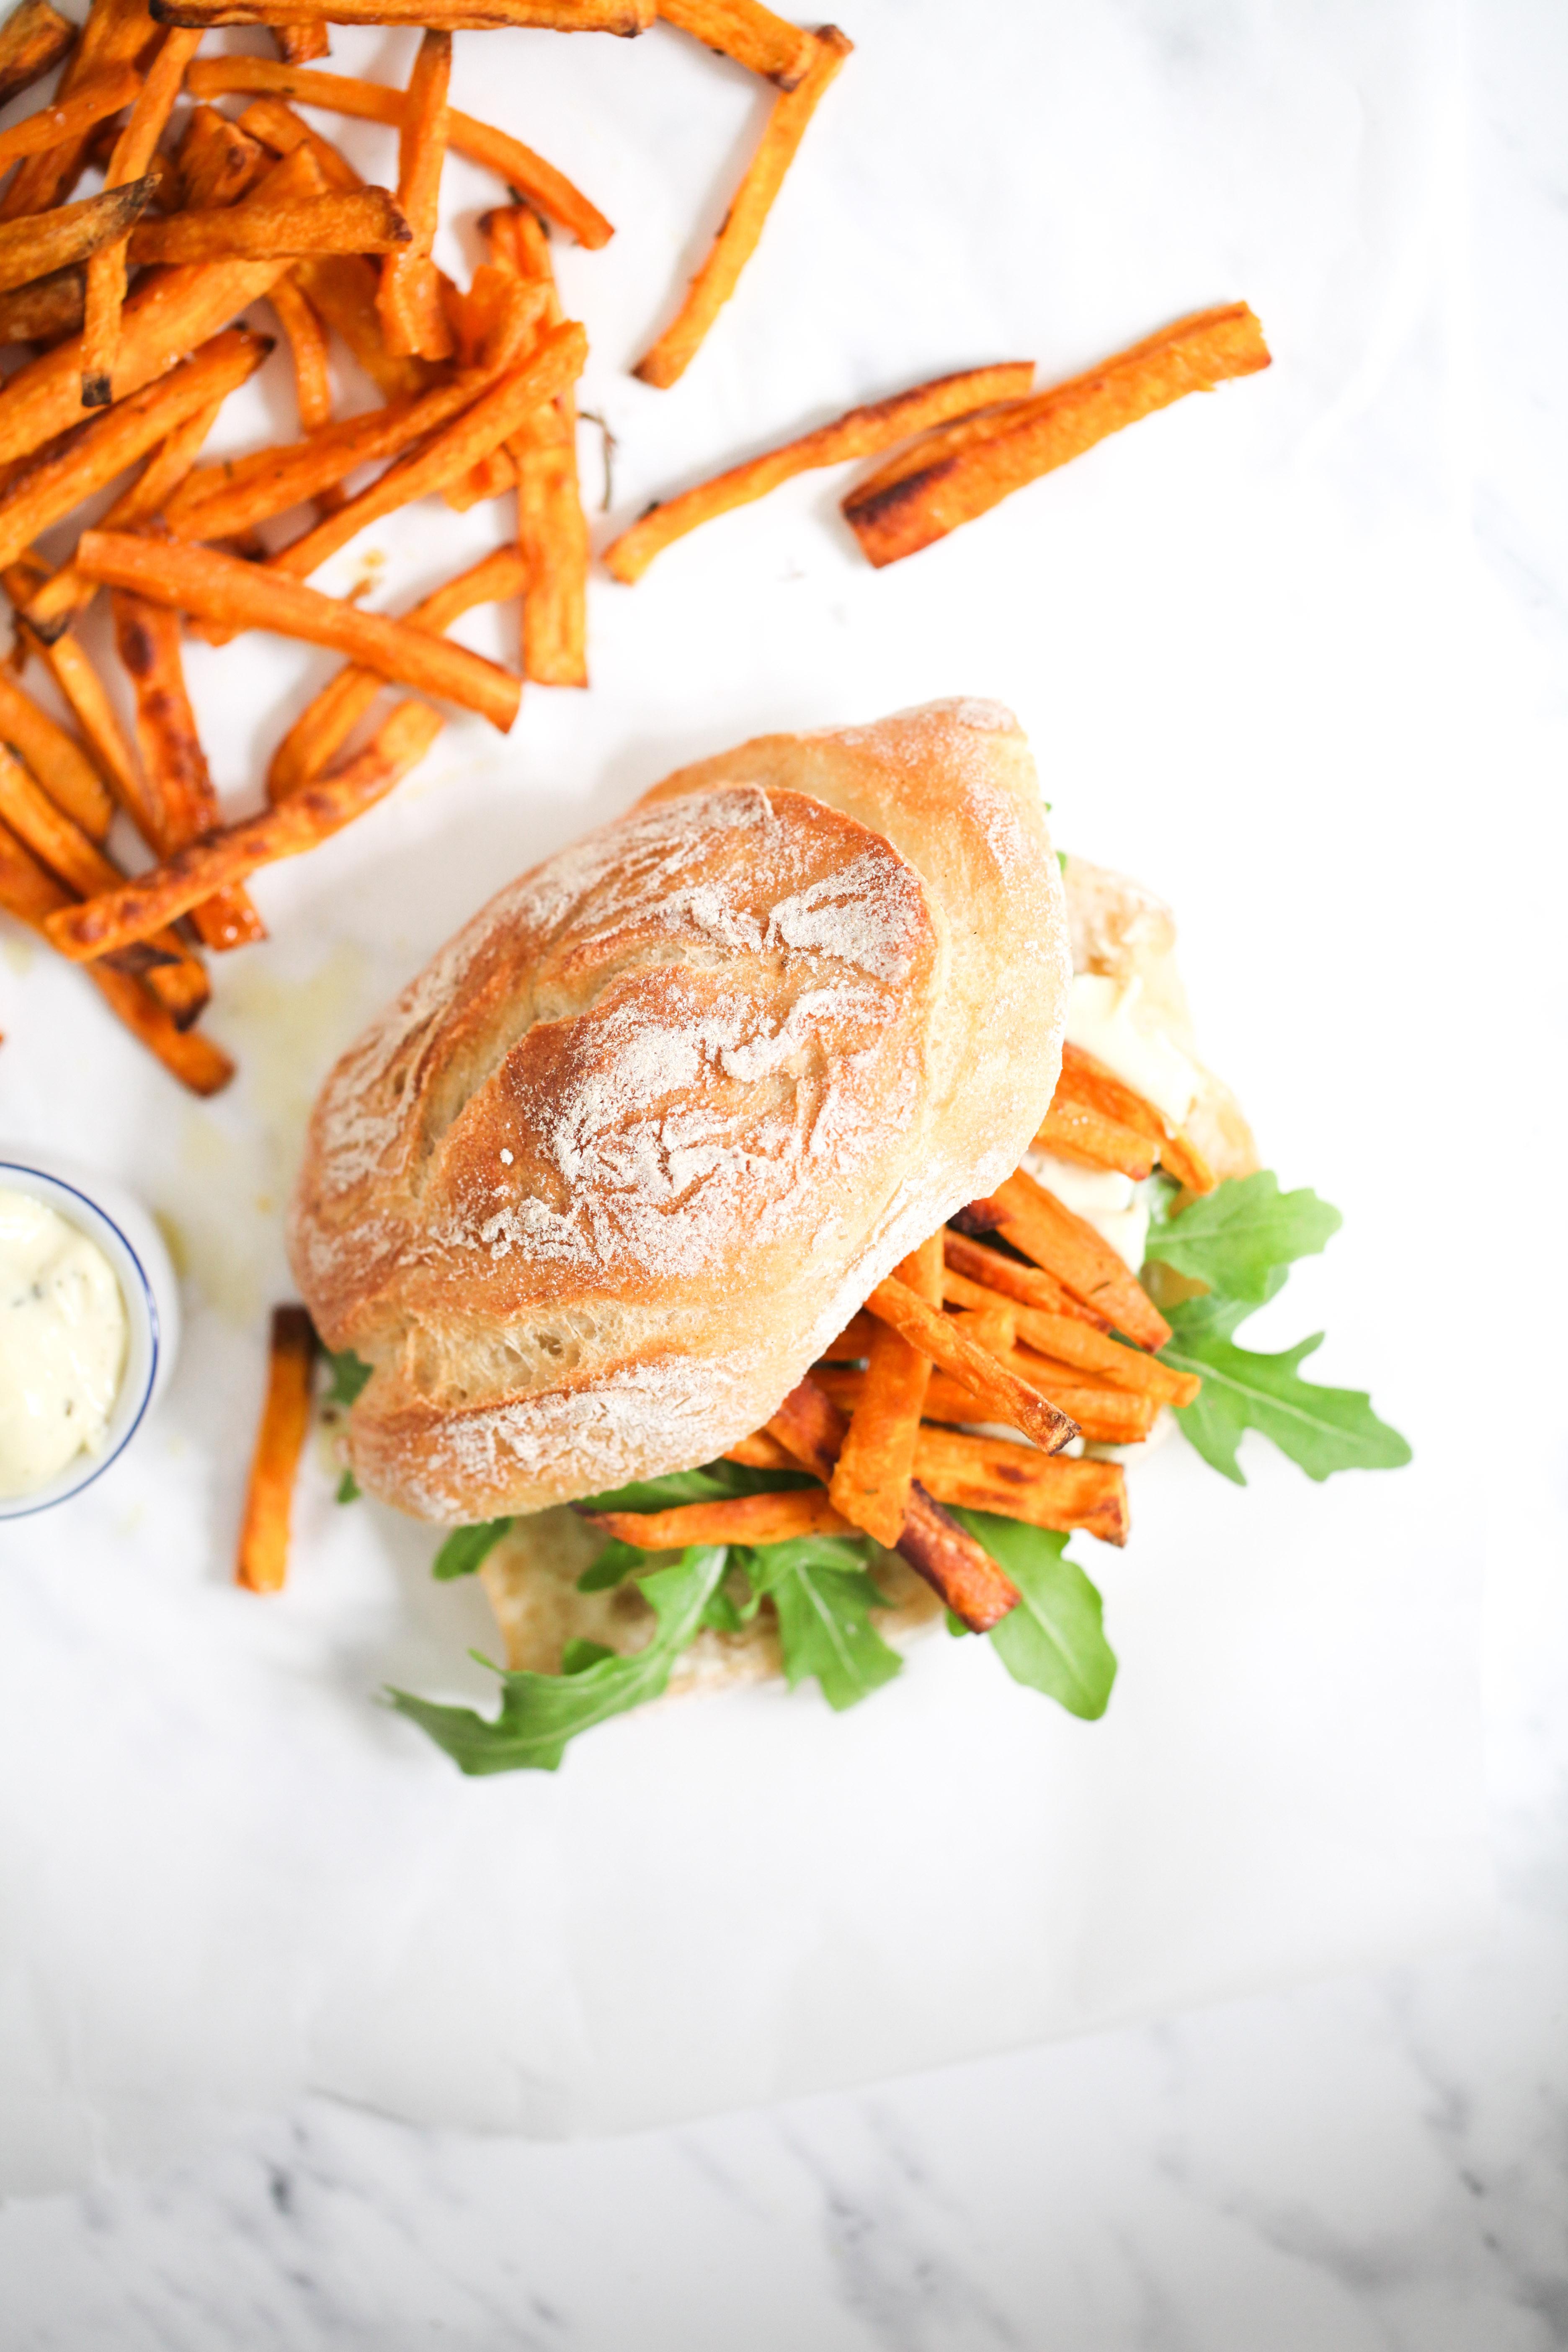 Chip Butty sweet potato fries süsskartoffel pommes sandwich stulle der woche zuckerzimtundliebe foodblog rezept recipe wm finale 2014 forza